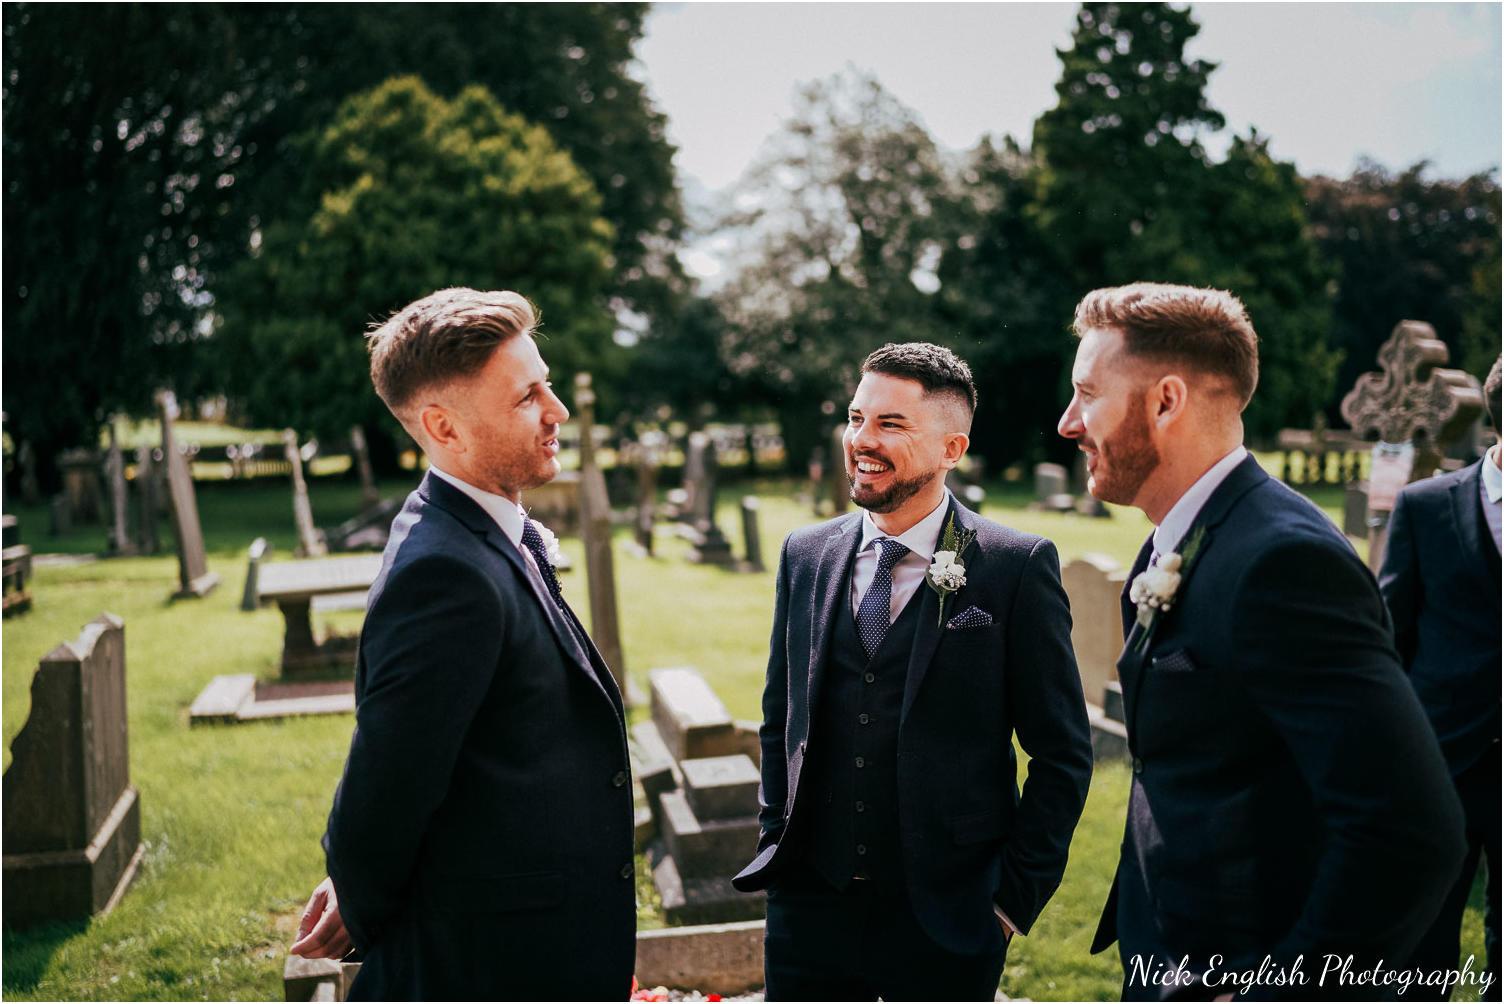 Browsholme_Hall_Barn_Wedding_Nick_English_Photography-34.jpg